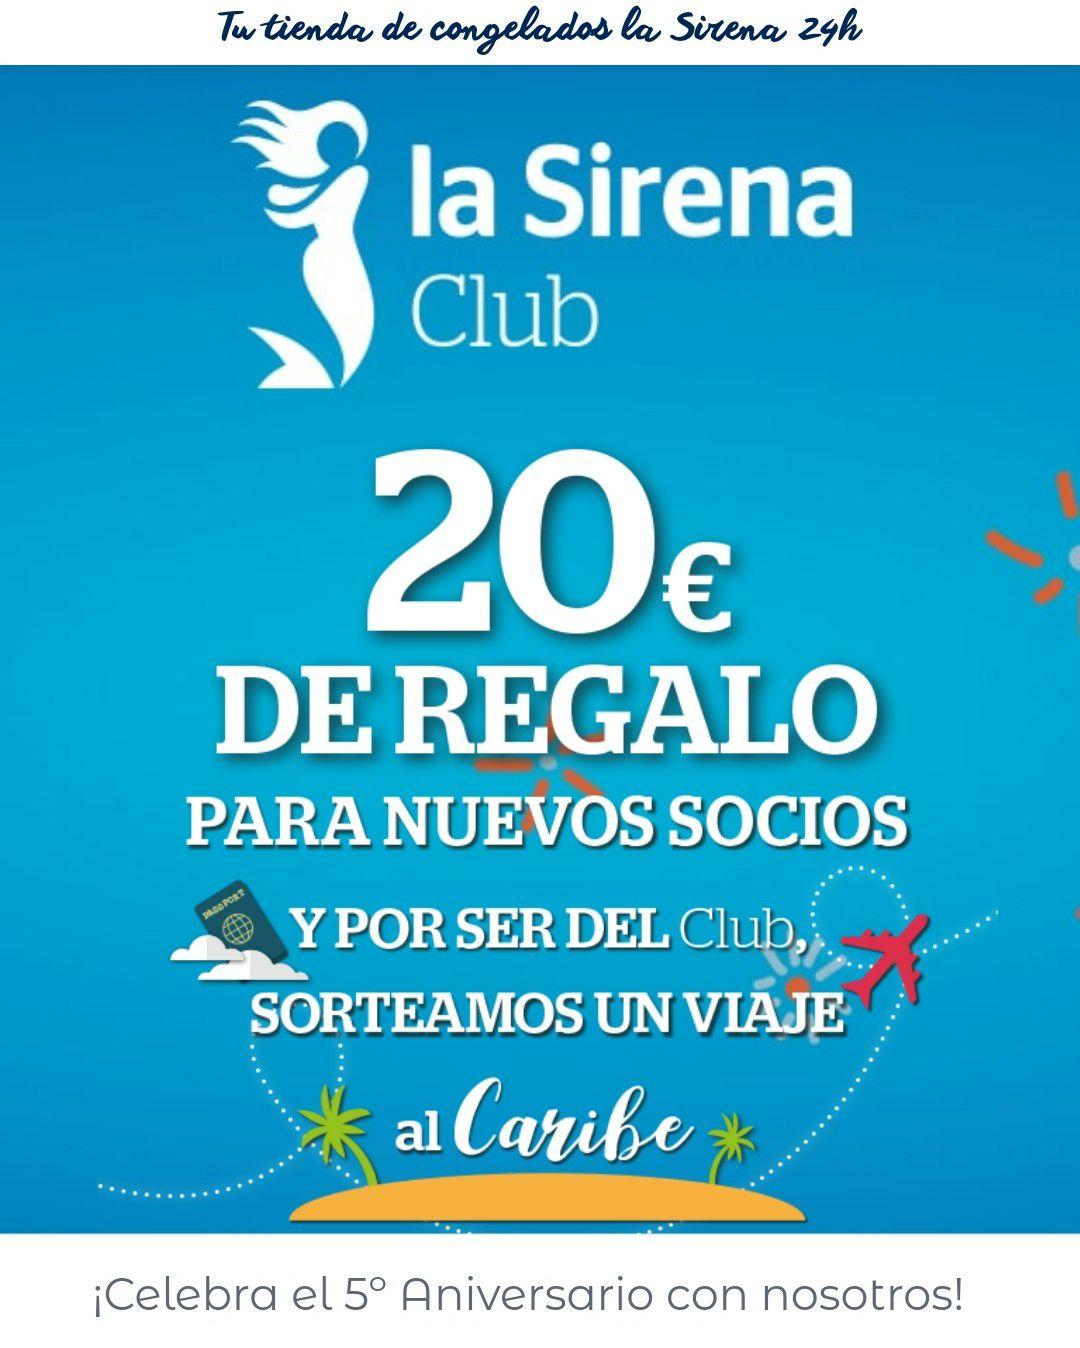 20€ GRATIS en la Sirena por hacerte del club